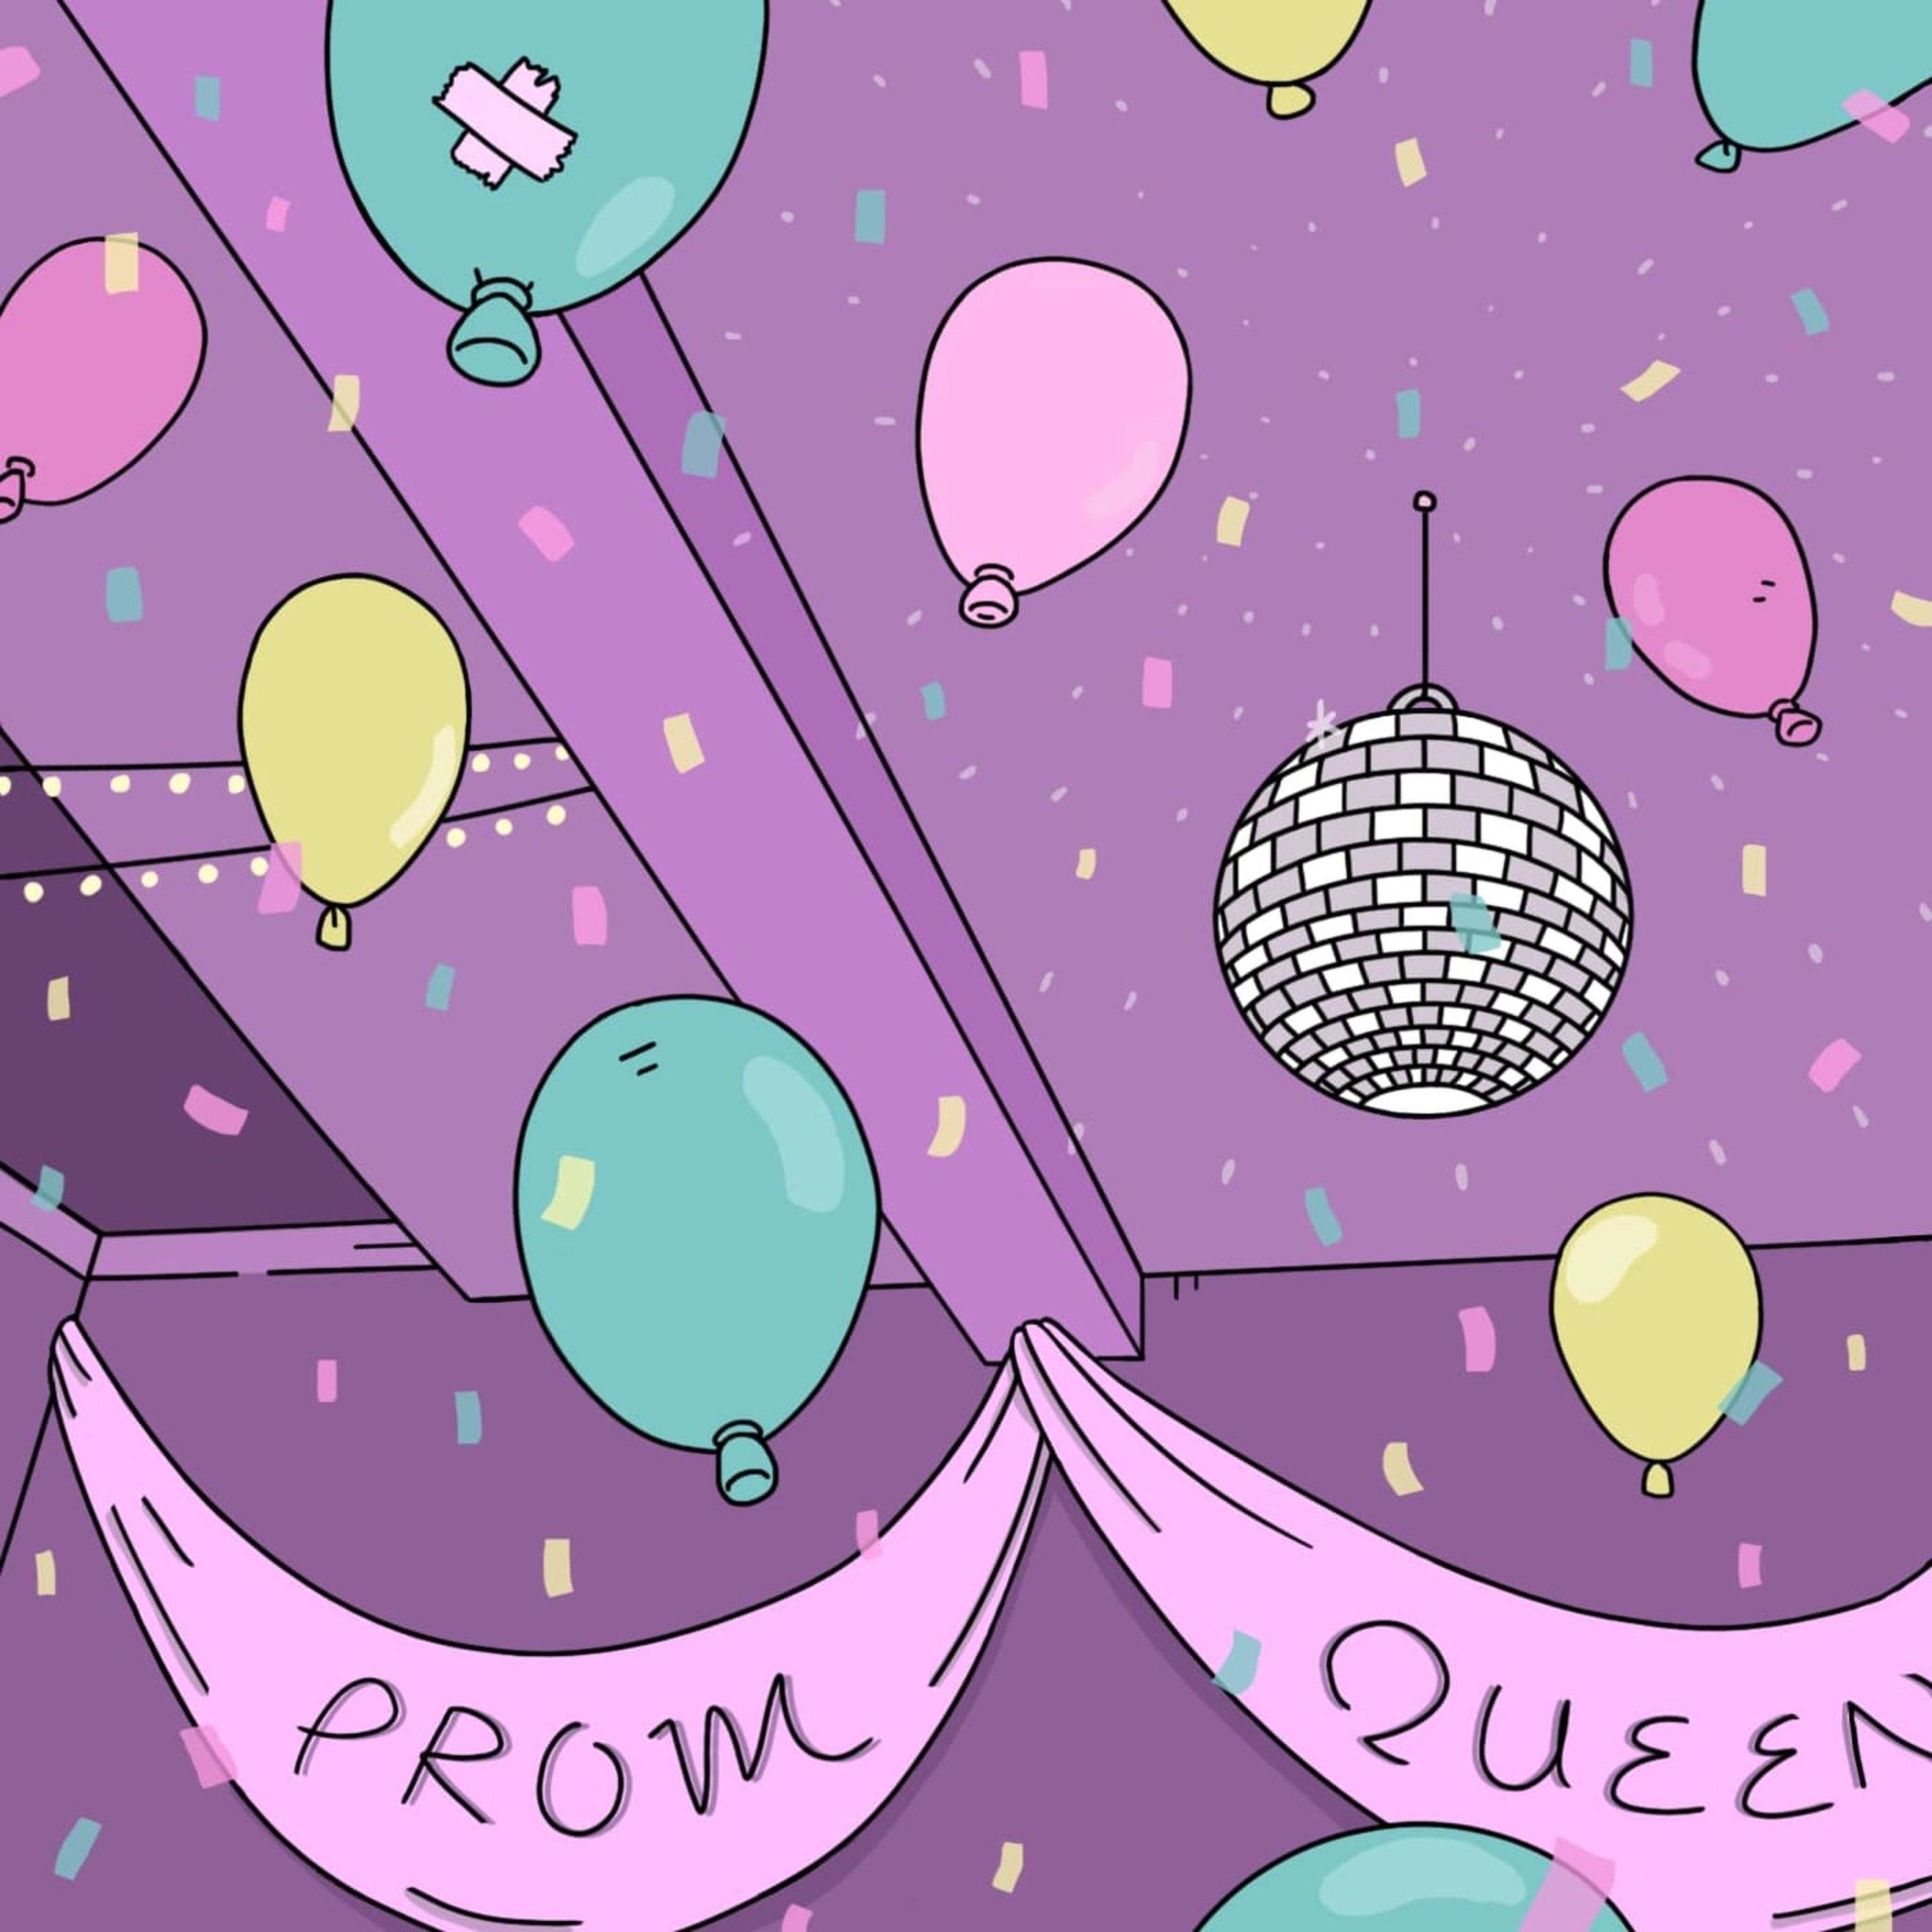 Prom Queen Art.jpg